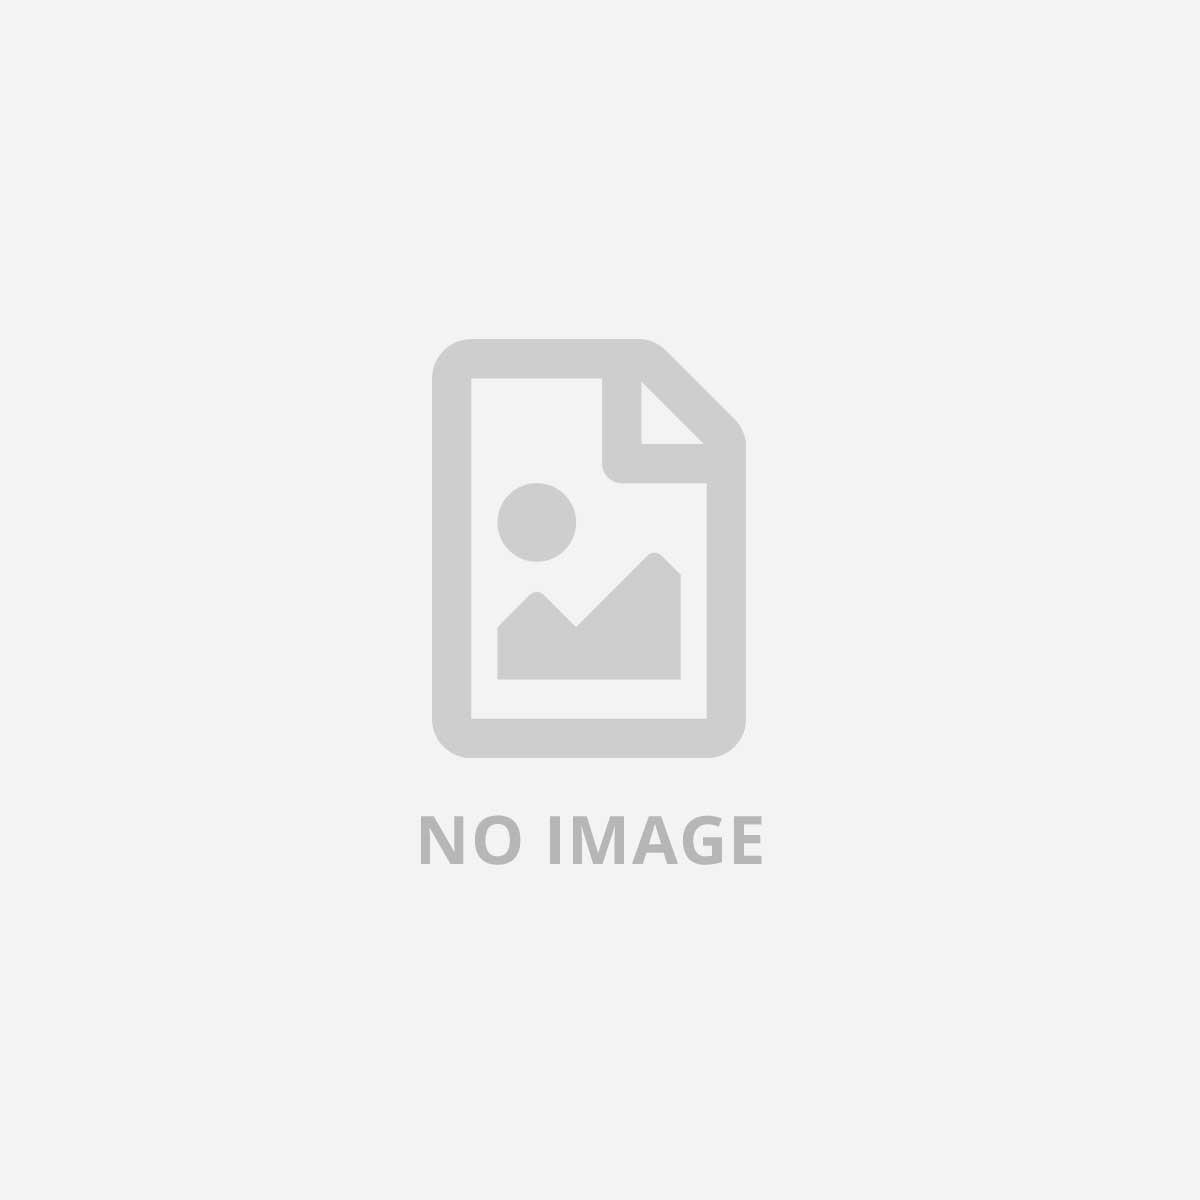 FUJIFILM LTO 5 ULTRIUM 1 5-3 0 TB